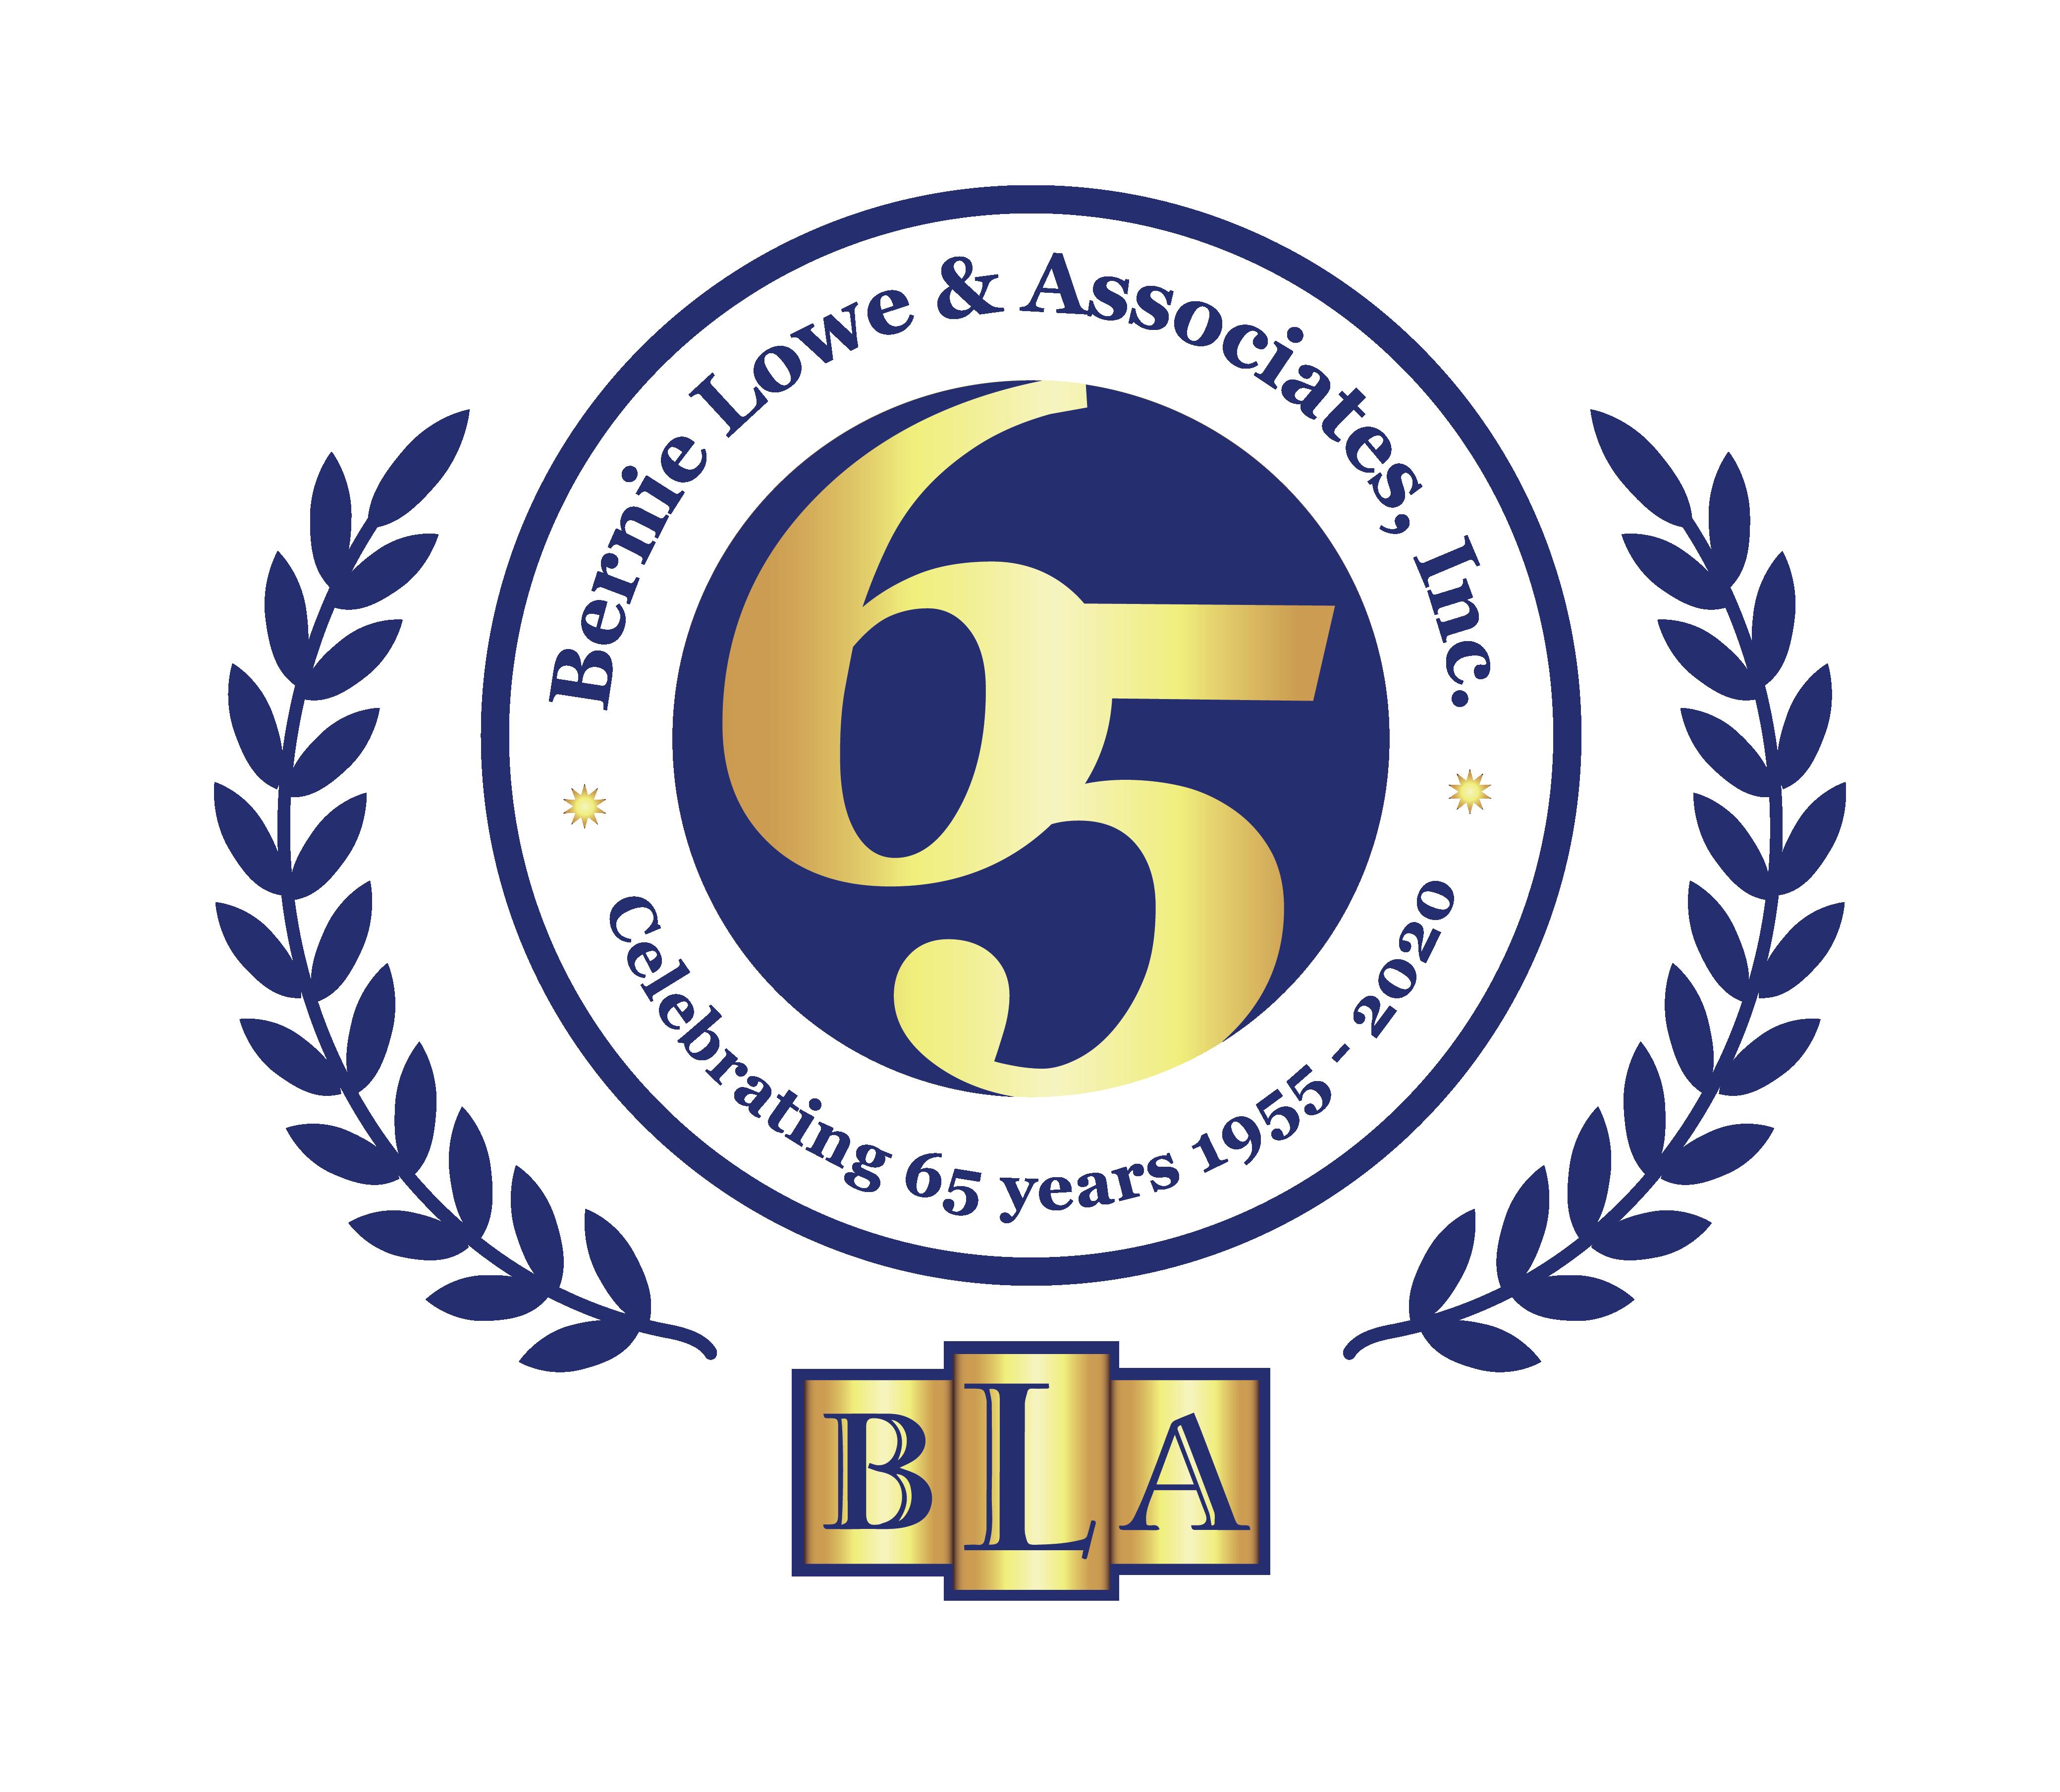 BLA_65yearslogo_NEW.png